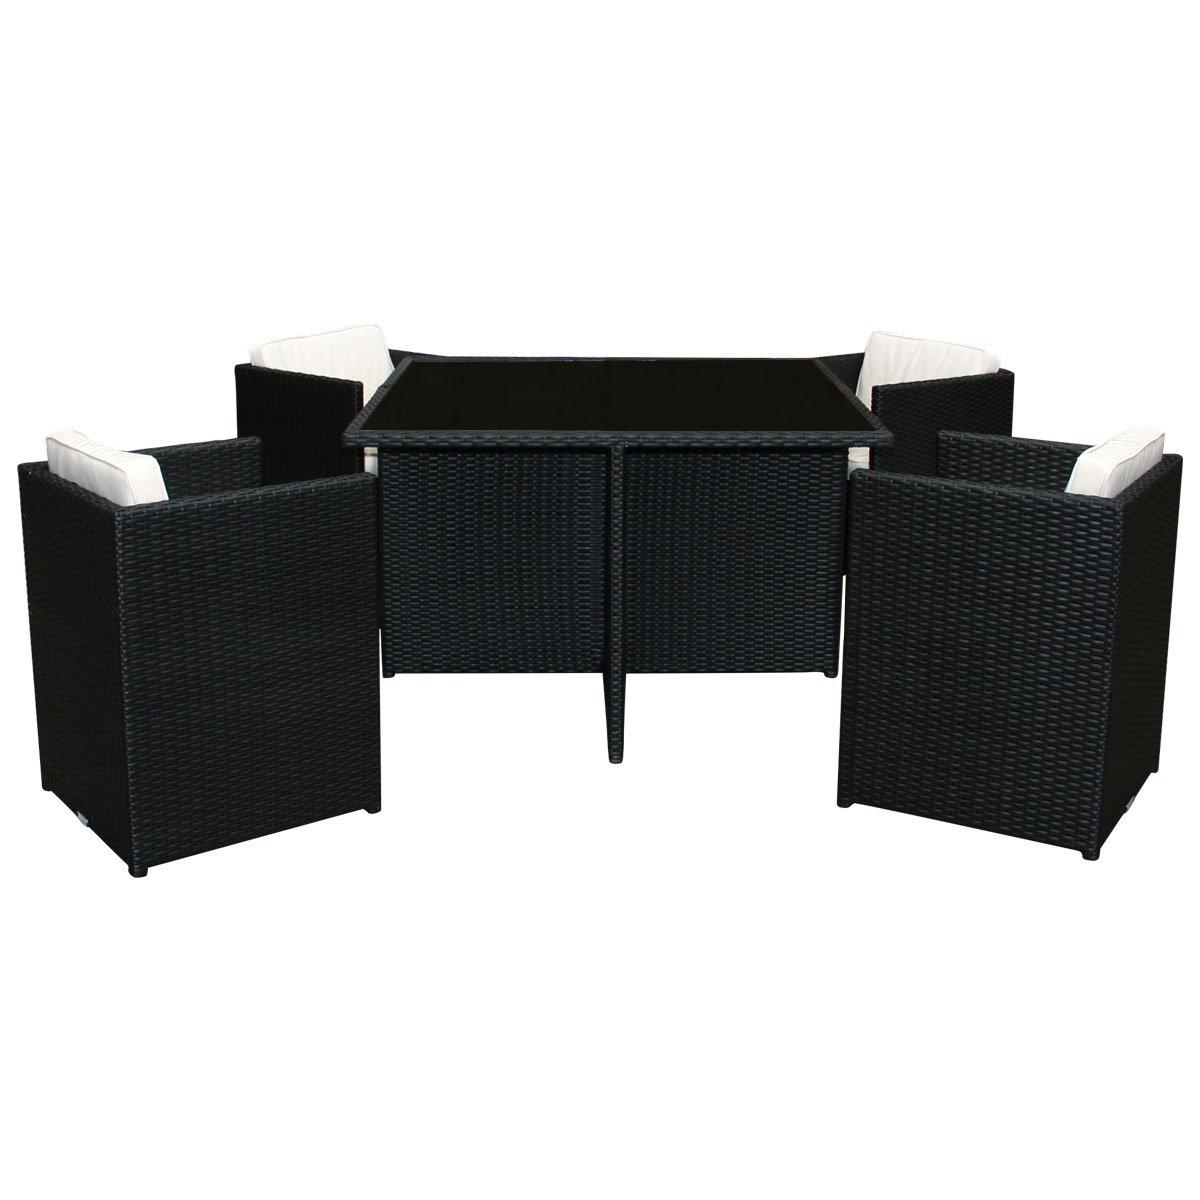 Bentley Garden – Korbmöbel-Set – Rattan-Optik – Glastisch & 4 Stühle – Schwarz & Creme – 5-teilig günstig